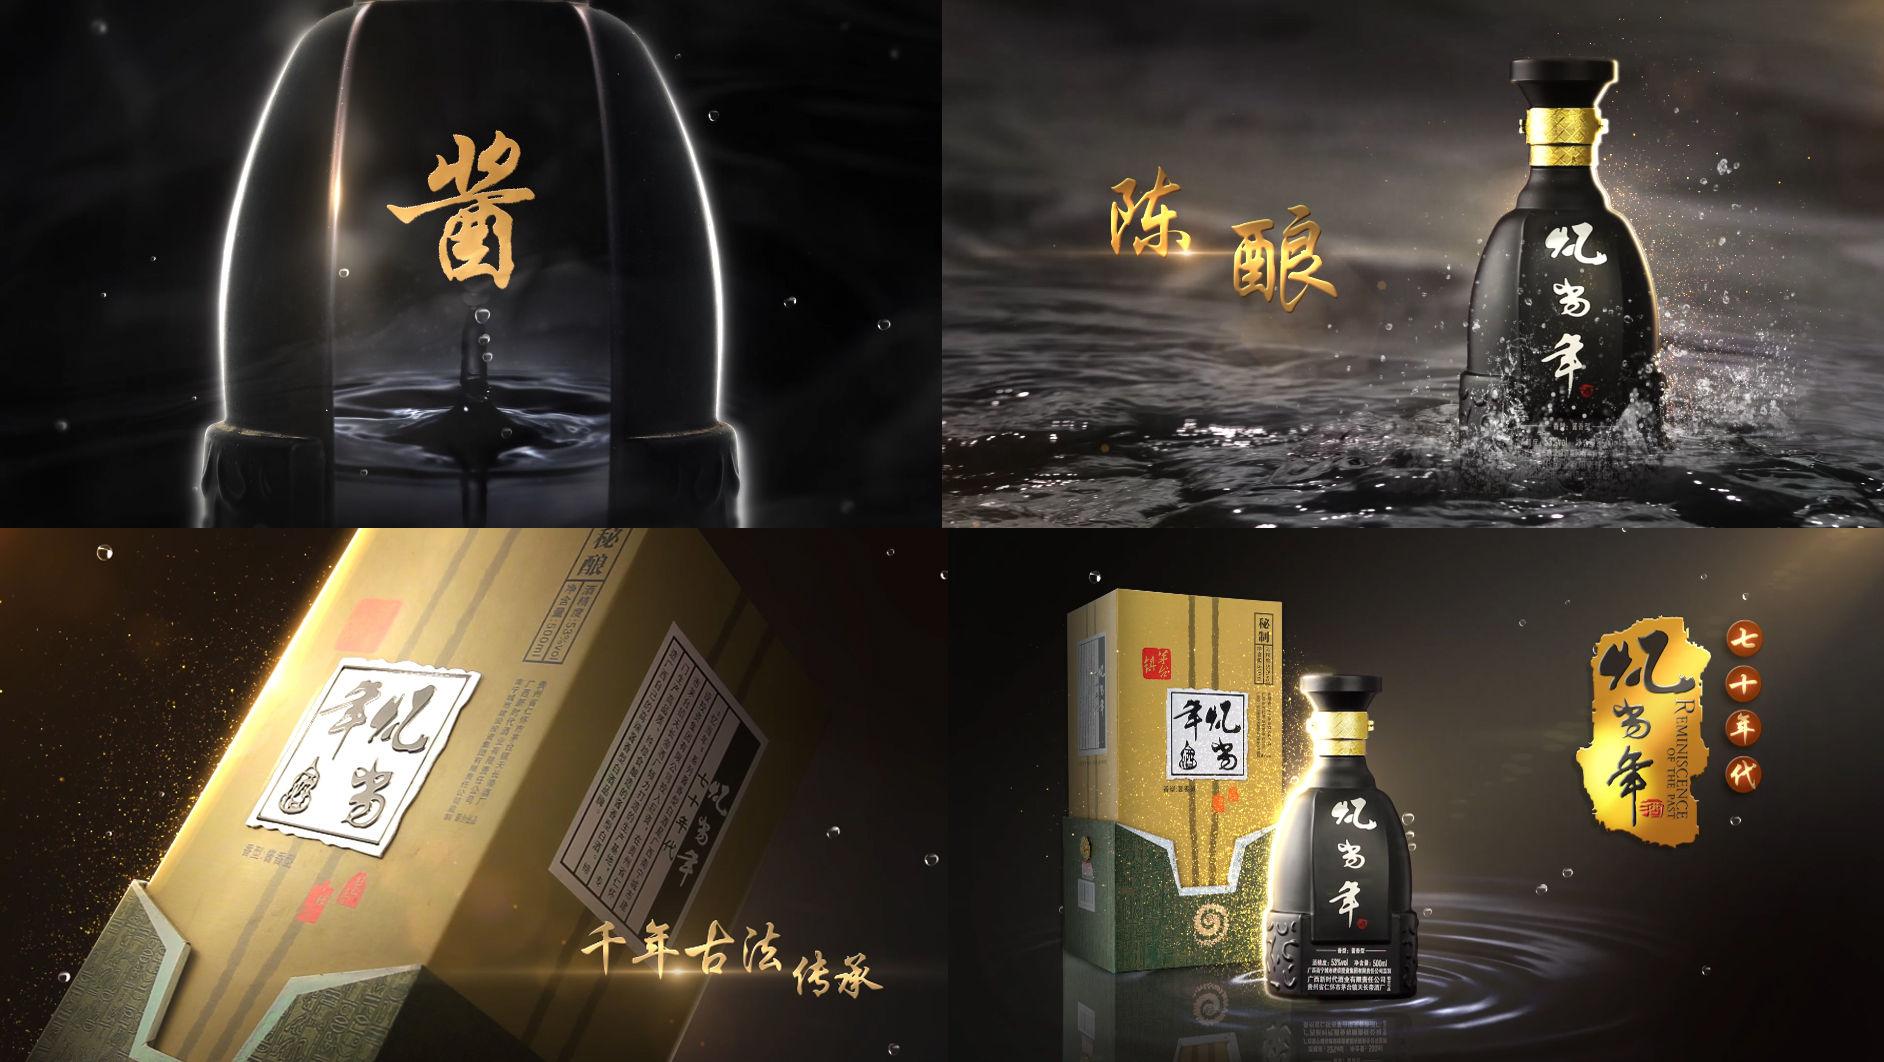 震撼大气水流黑瓶白酒广告AE合成工程文件